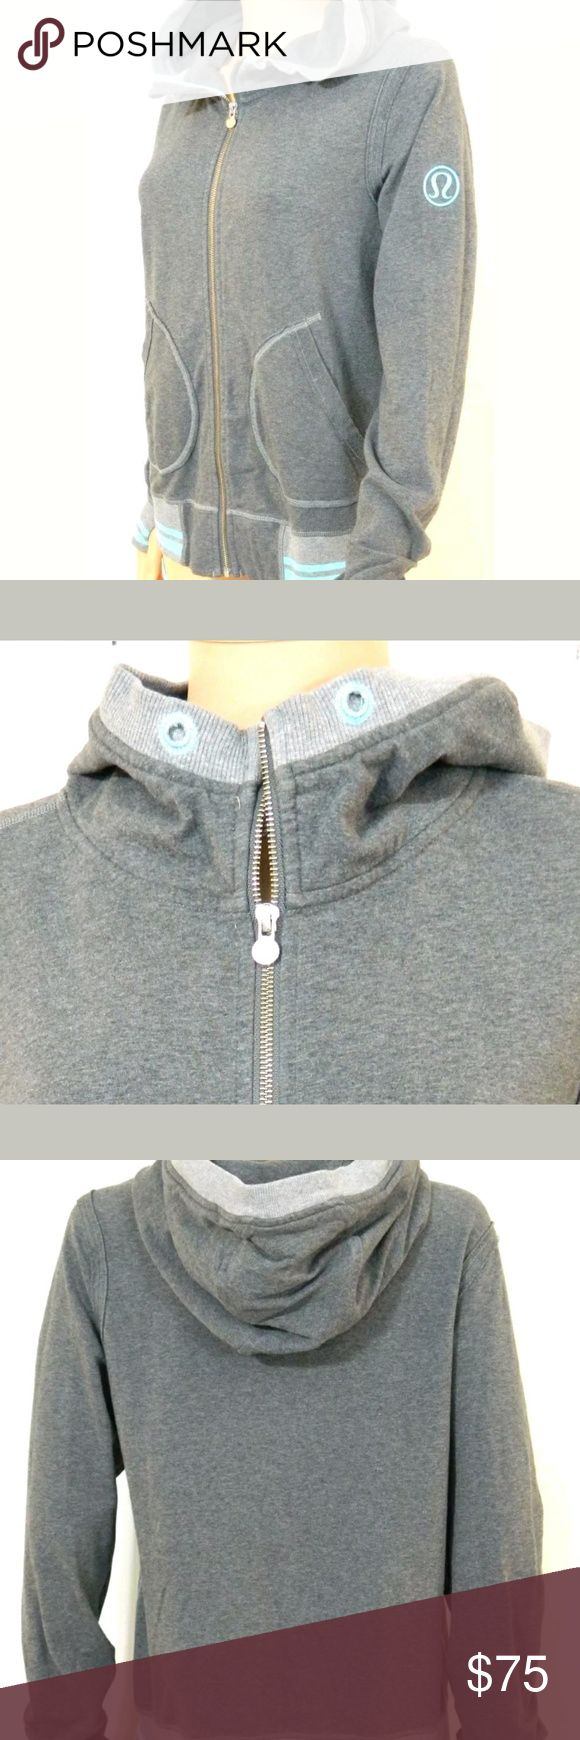 Best 25 Lululemon Jacket Ideas On Pinterest Lululemon